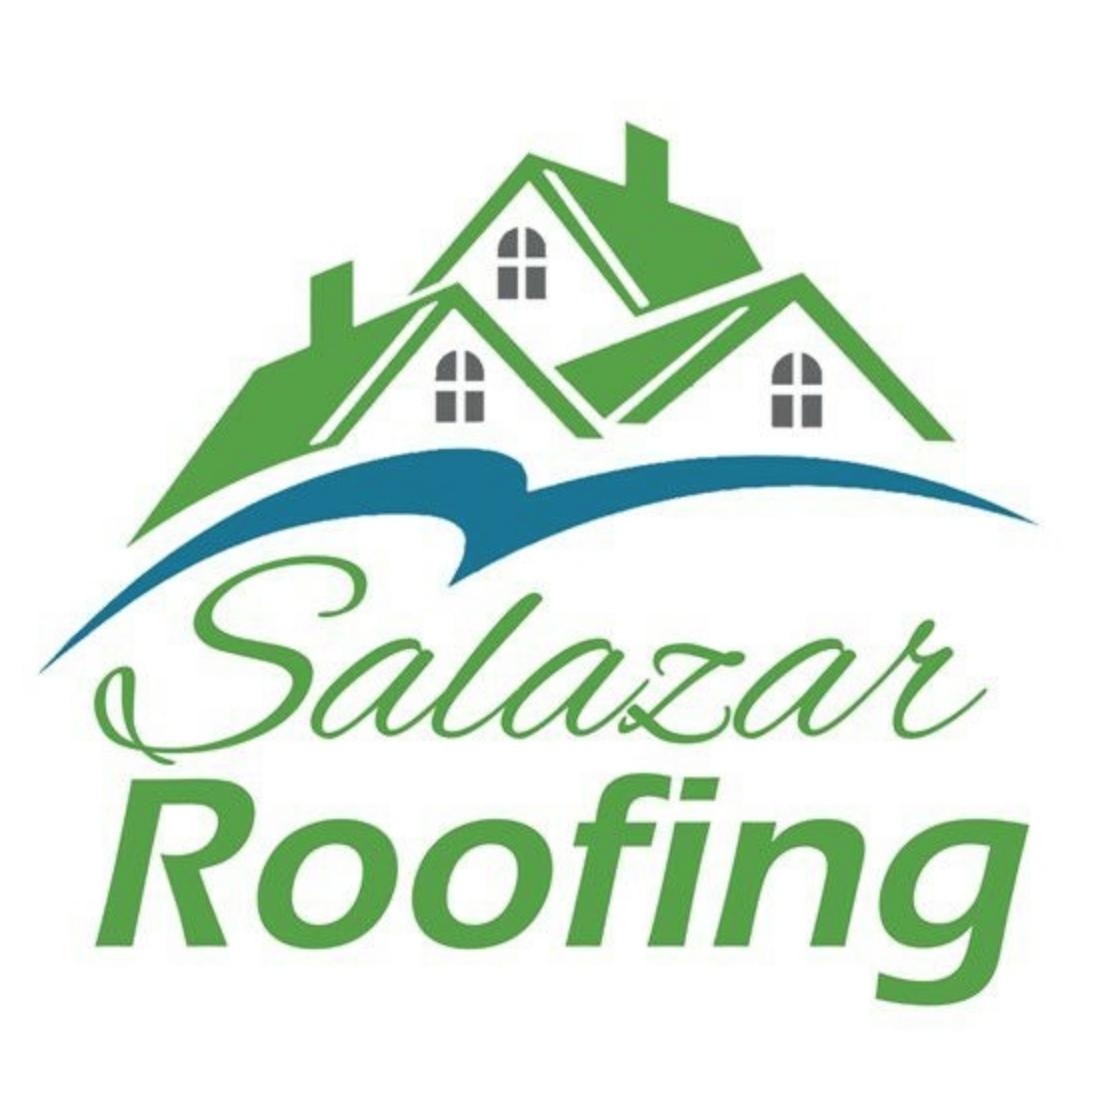 Salazar Roofing - Rogers, AR - Roofing Contractors